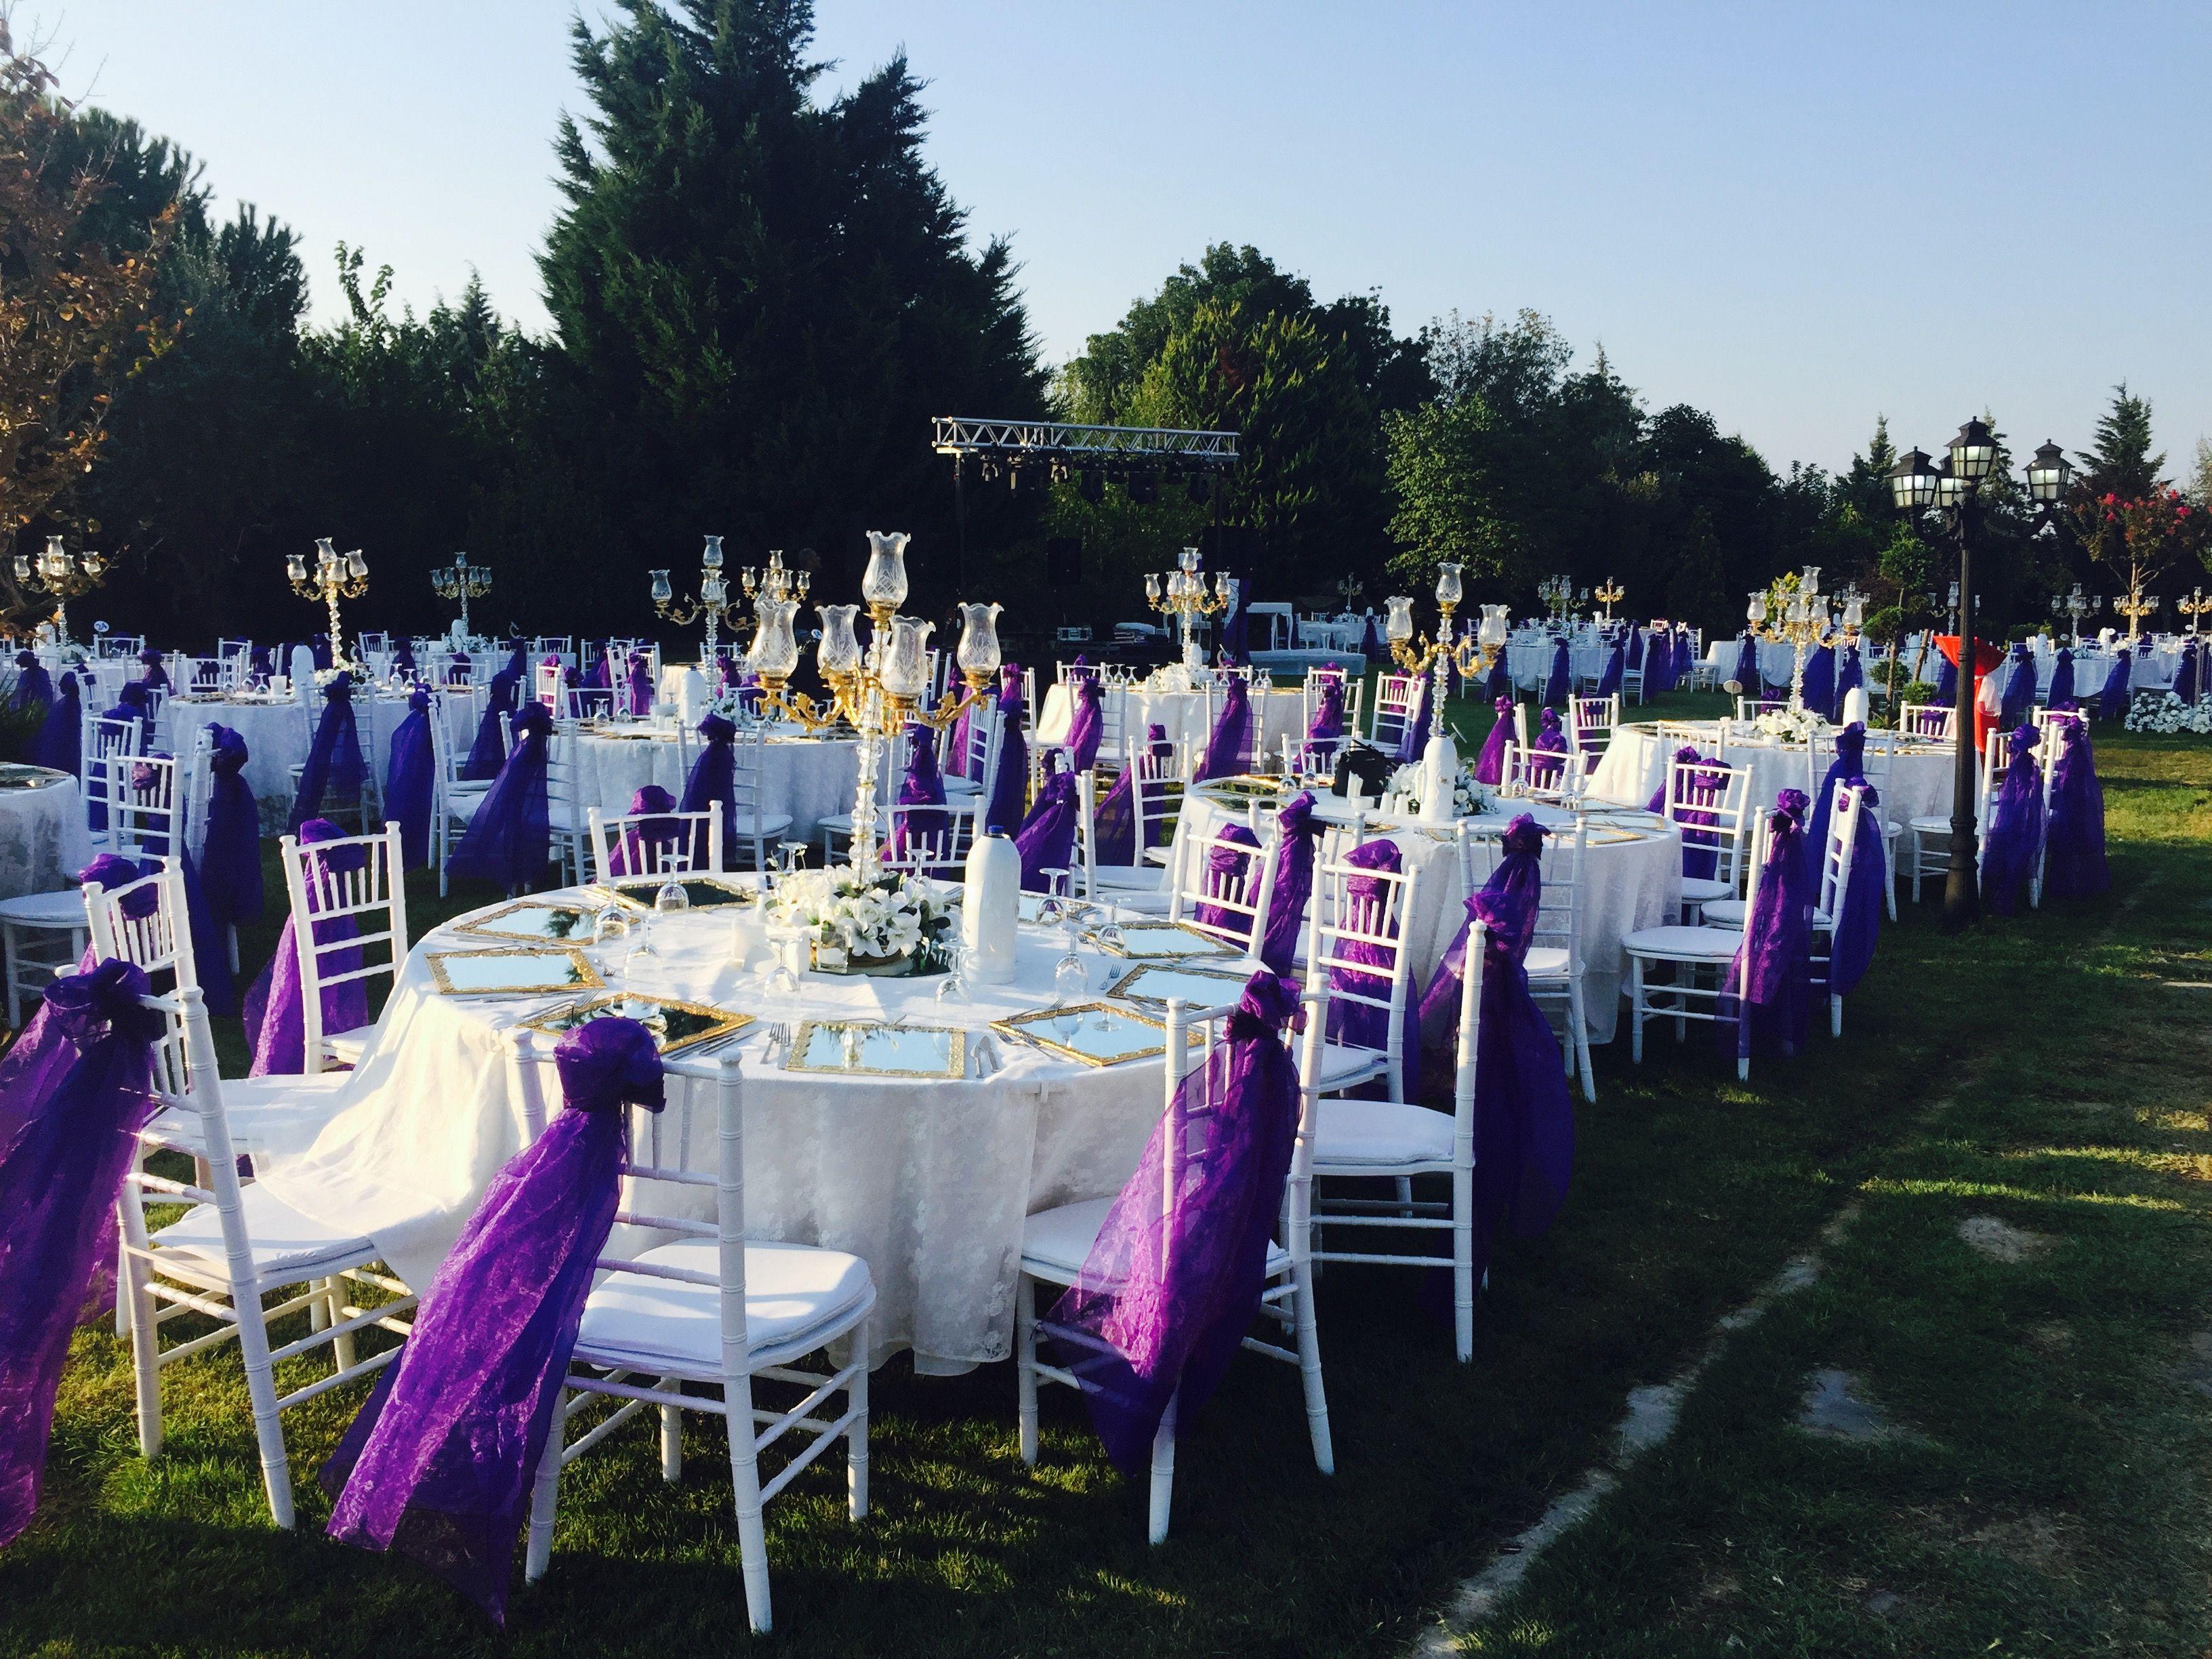 d44b1d52f Kır düğünü daveti organizasyonları için ekipman kiralama ve süsleme  malzemeleri kiralama, kurulum, organizasyon hizmeti. Sandalye kiralama,  masa kiralama, ...